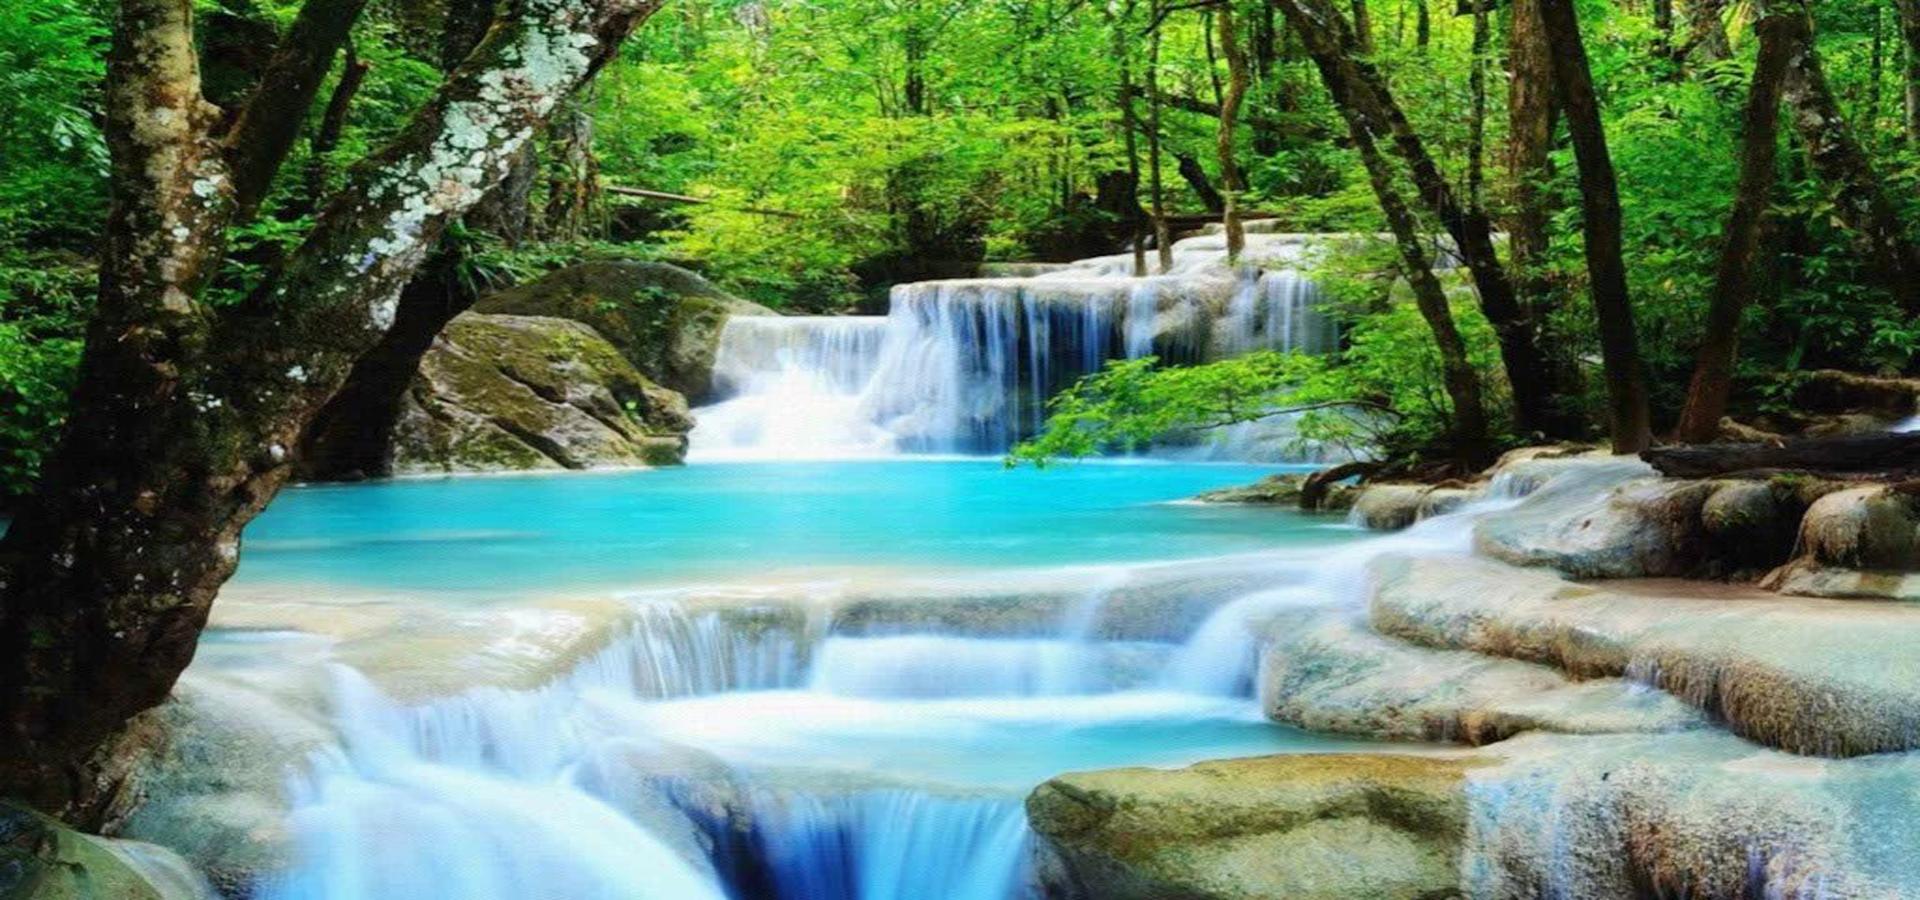 cascade de l u0026 39 eau river stream contexte le paysage forest